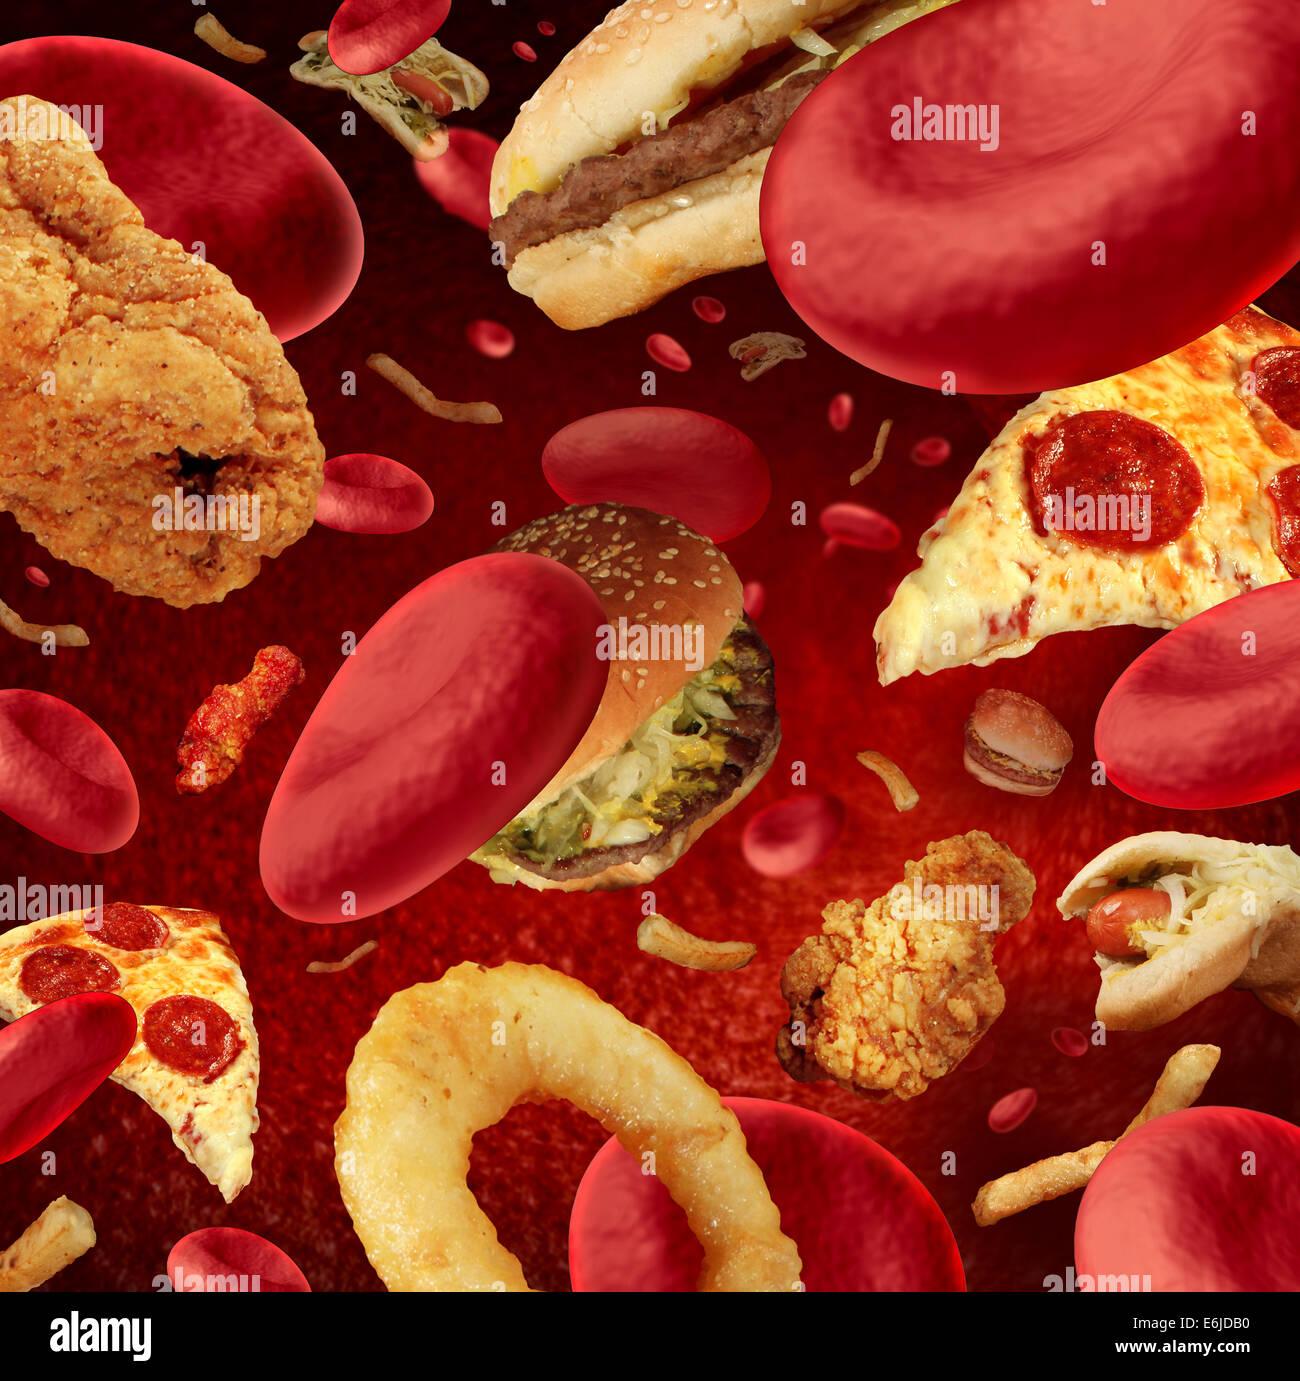 Hohe Cholesterinwerte medizinisches Konzept mit einem menschlichen Blutgefäß oder blockierte Arterie, Stockbild